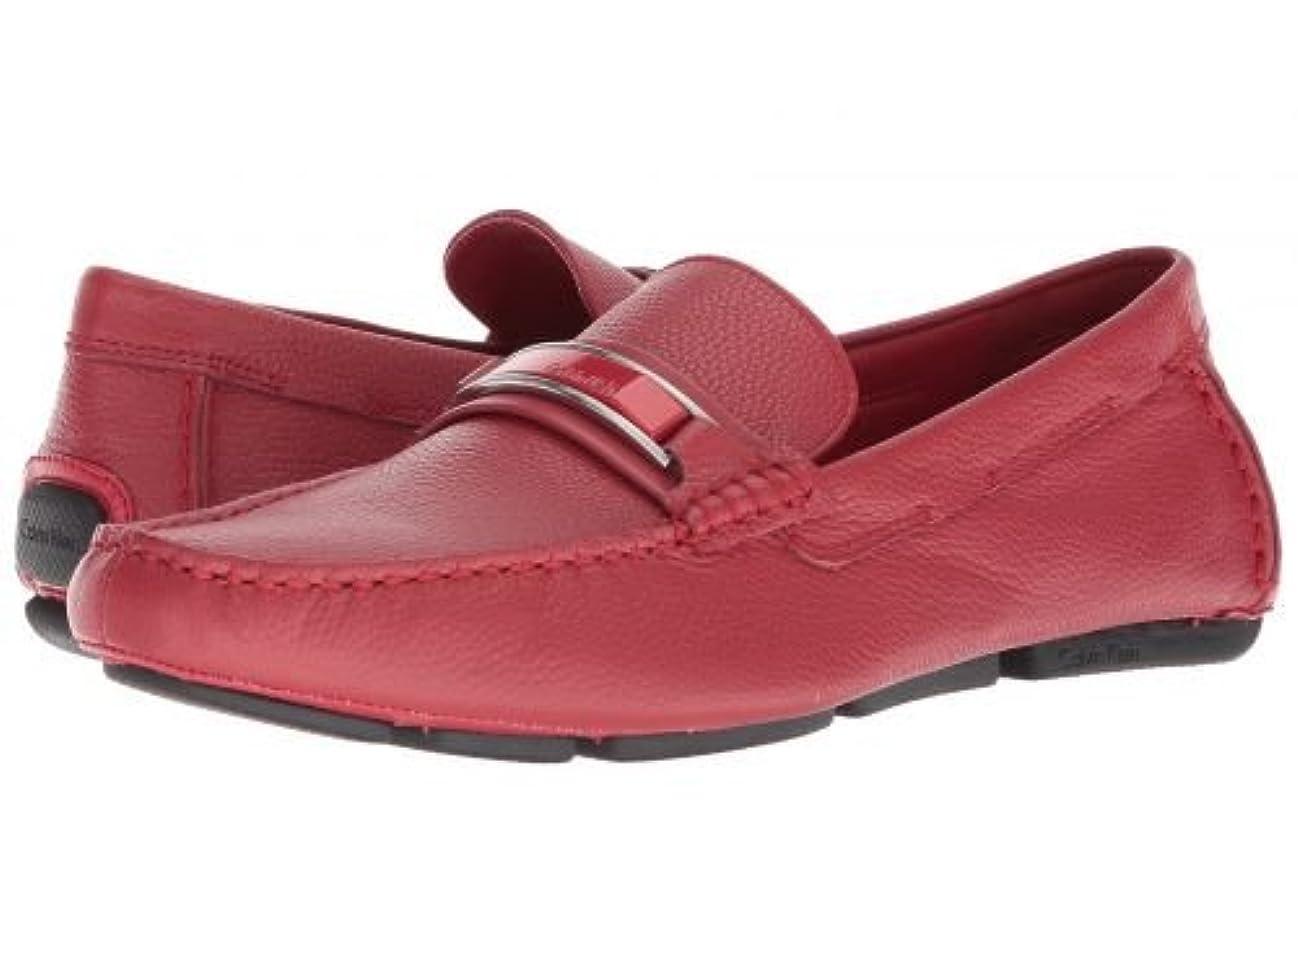 忠誠民兵障害者Calvin Klein(カルバンクライン) メンズ 男性用 シューズ 靴 ローファー Madsen - Brick Red Embossed Tumbled [並行輸入品]